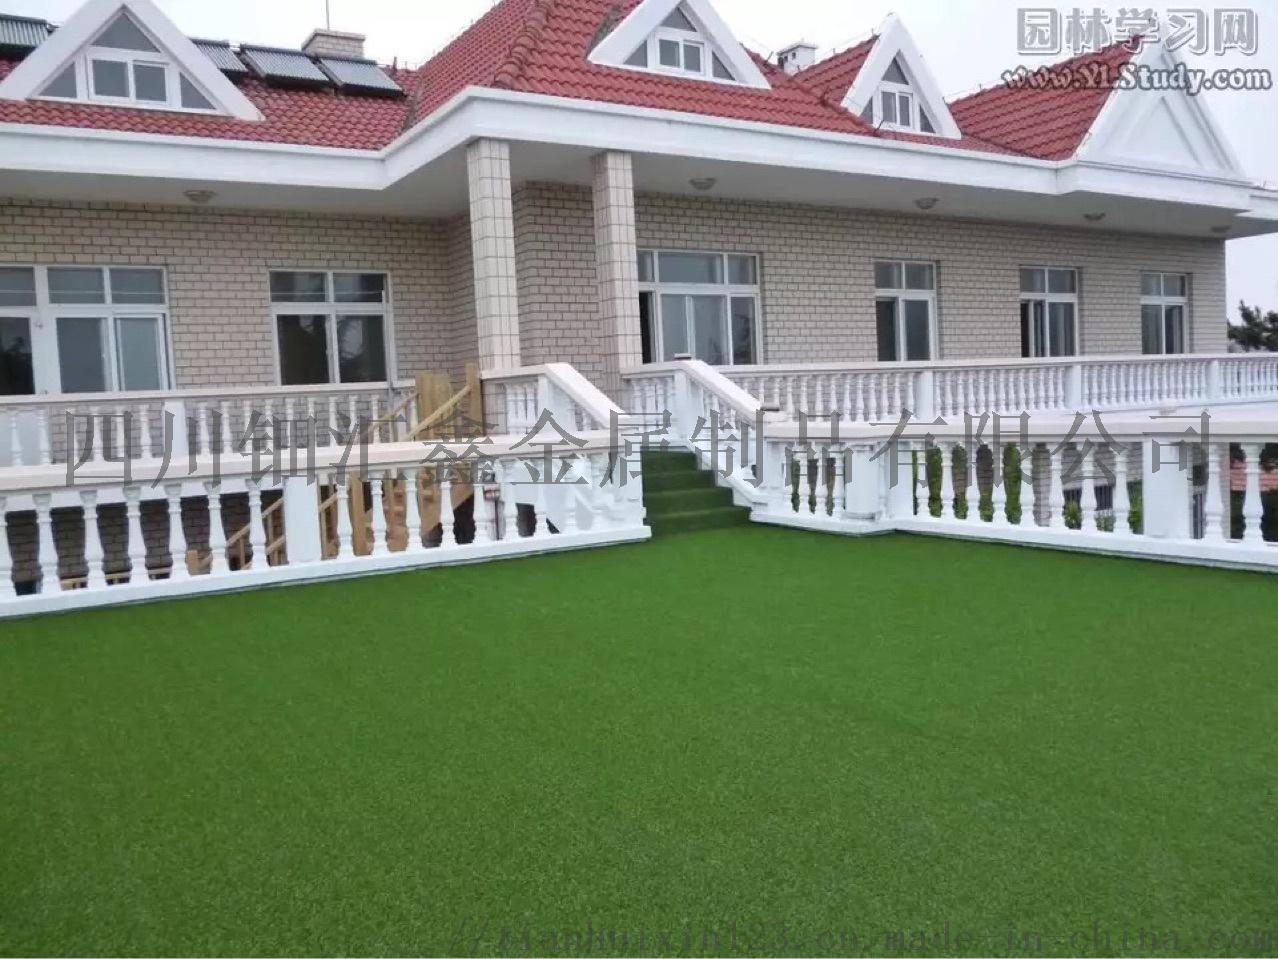 人工草坪模擬草坪圍擋學校足球場人造草坪鋪設58722592